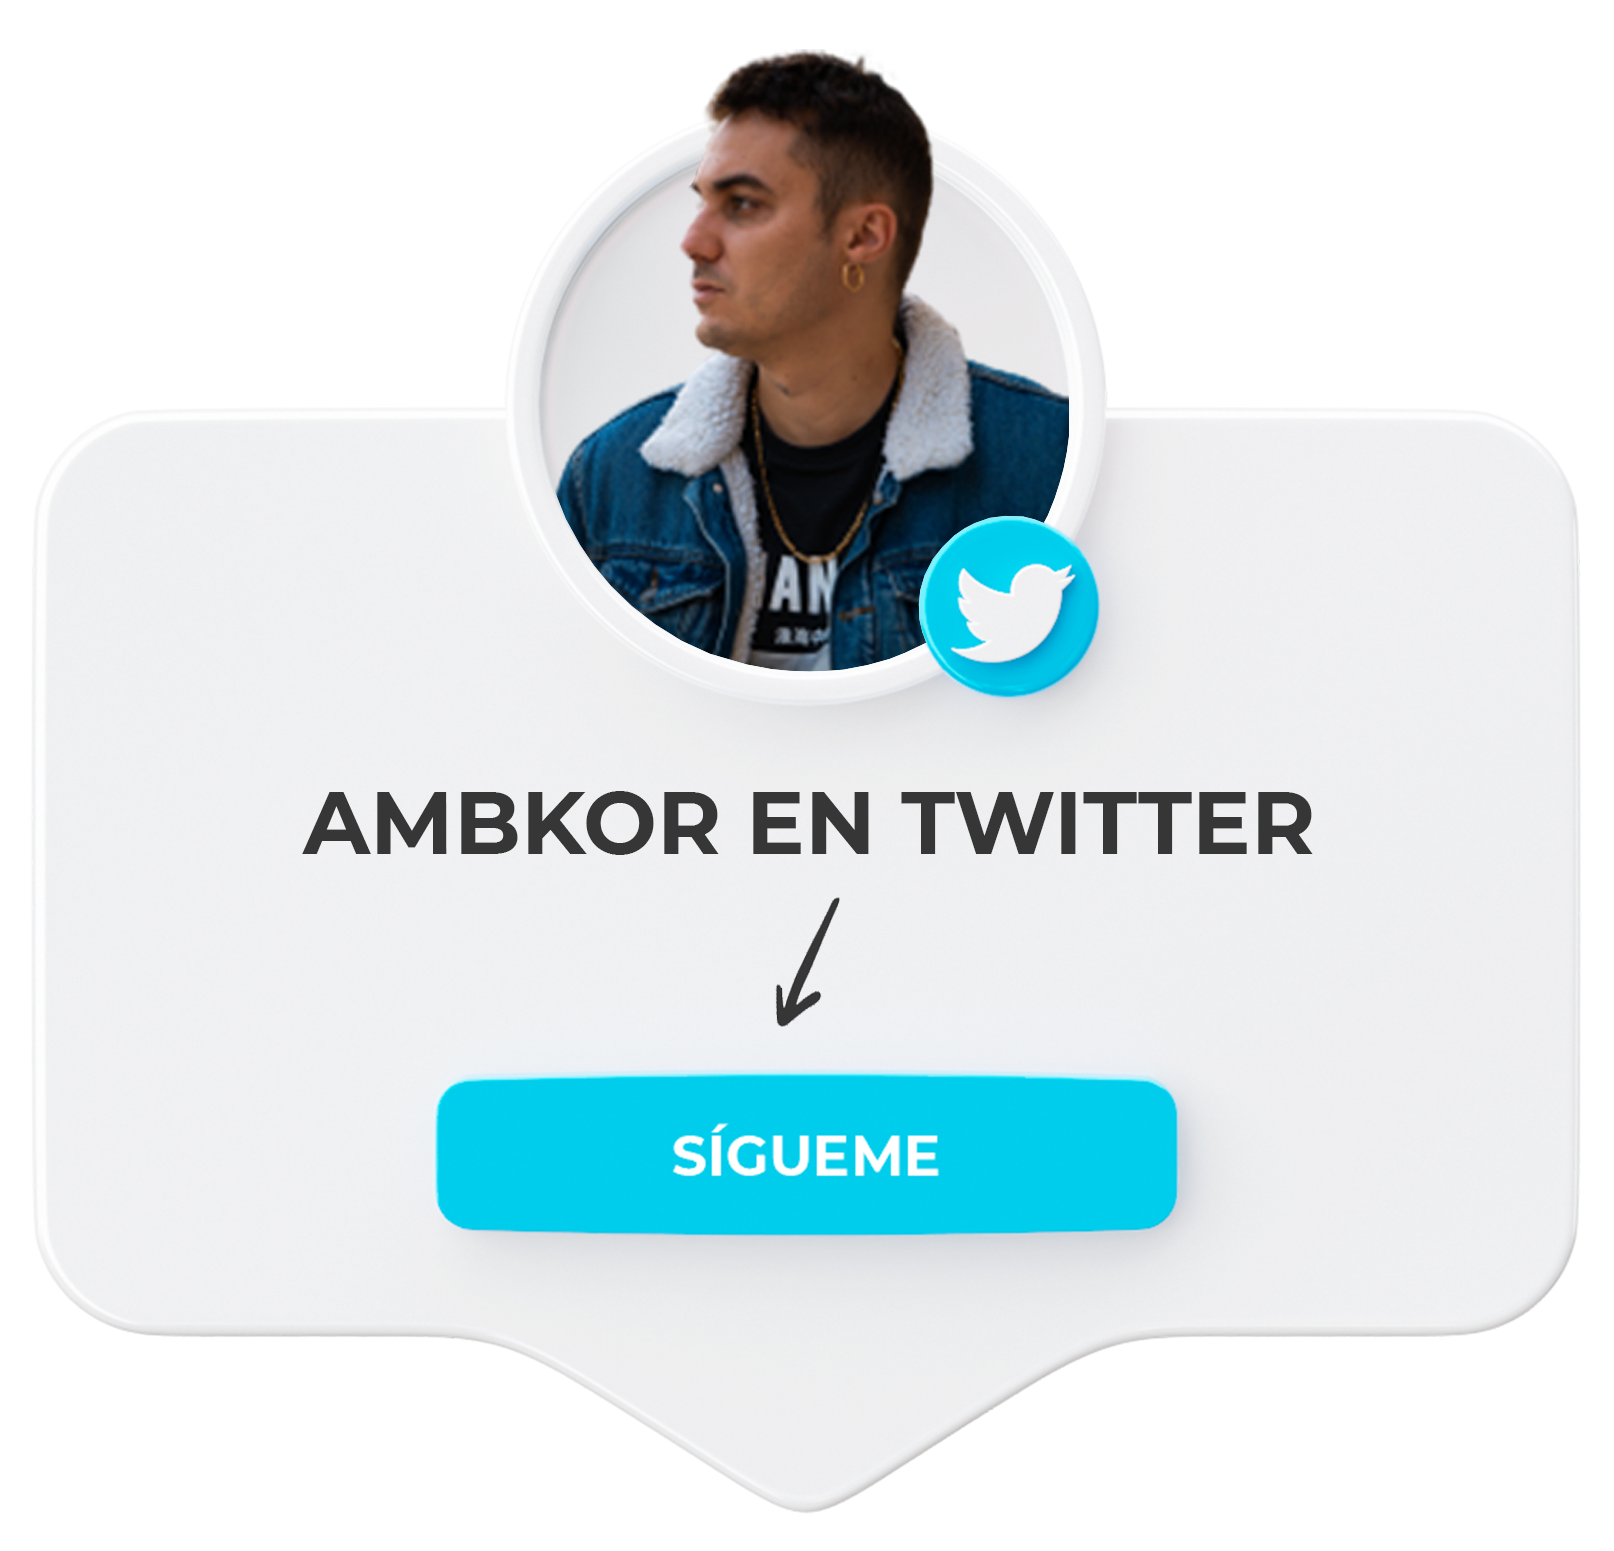 Ambkor en Twitter